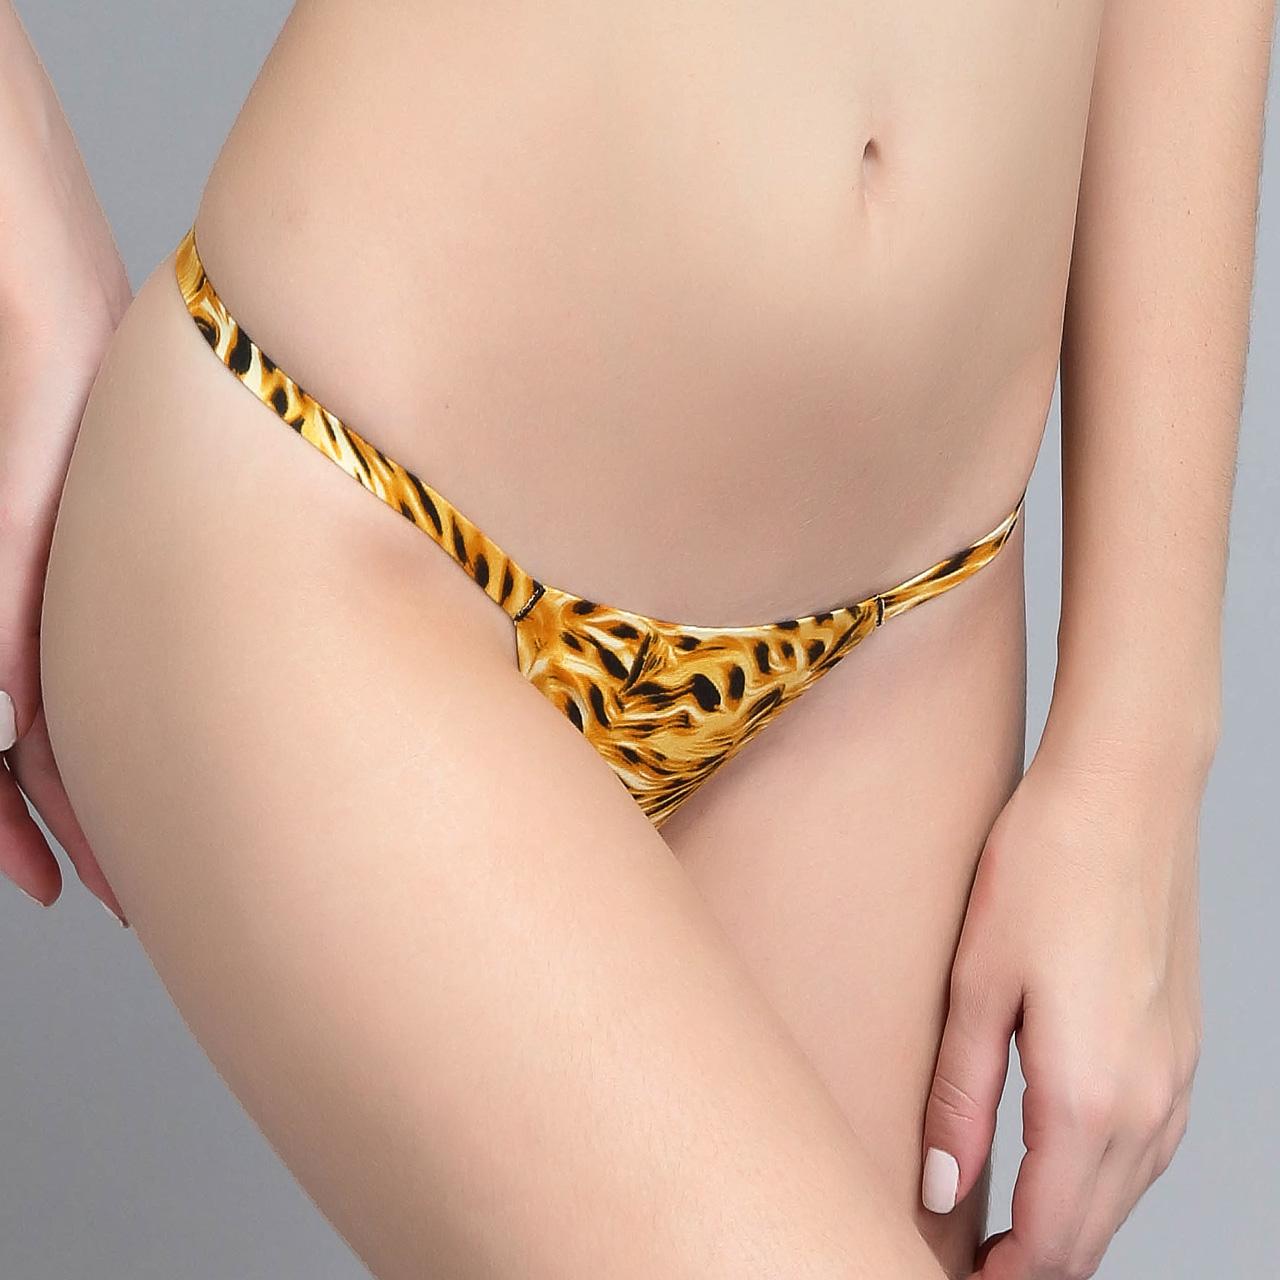 Мужской стринги женщина смысл любители трусы бесшовный один чип приток мужчин леопард восторг вонь реальность T брюки в предвкушении